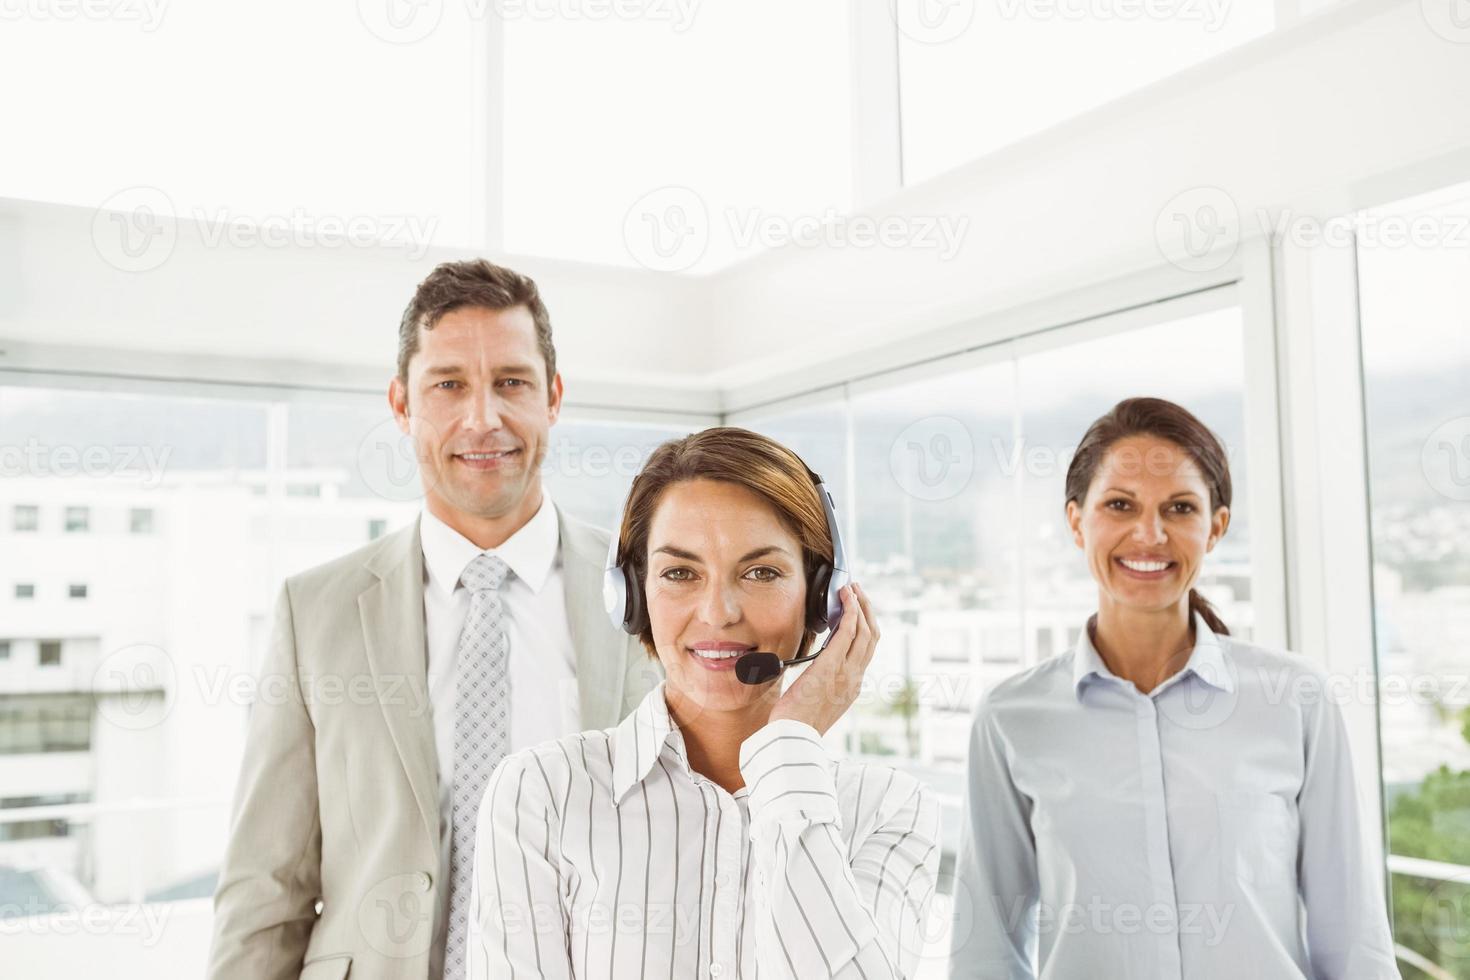 vertrouwen in mensen uit het bedrijfsleven op kantoor foto